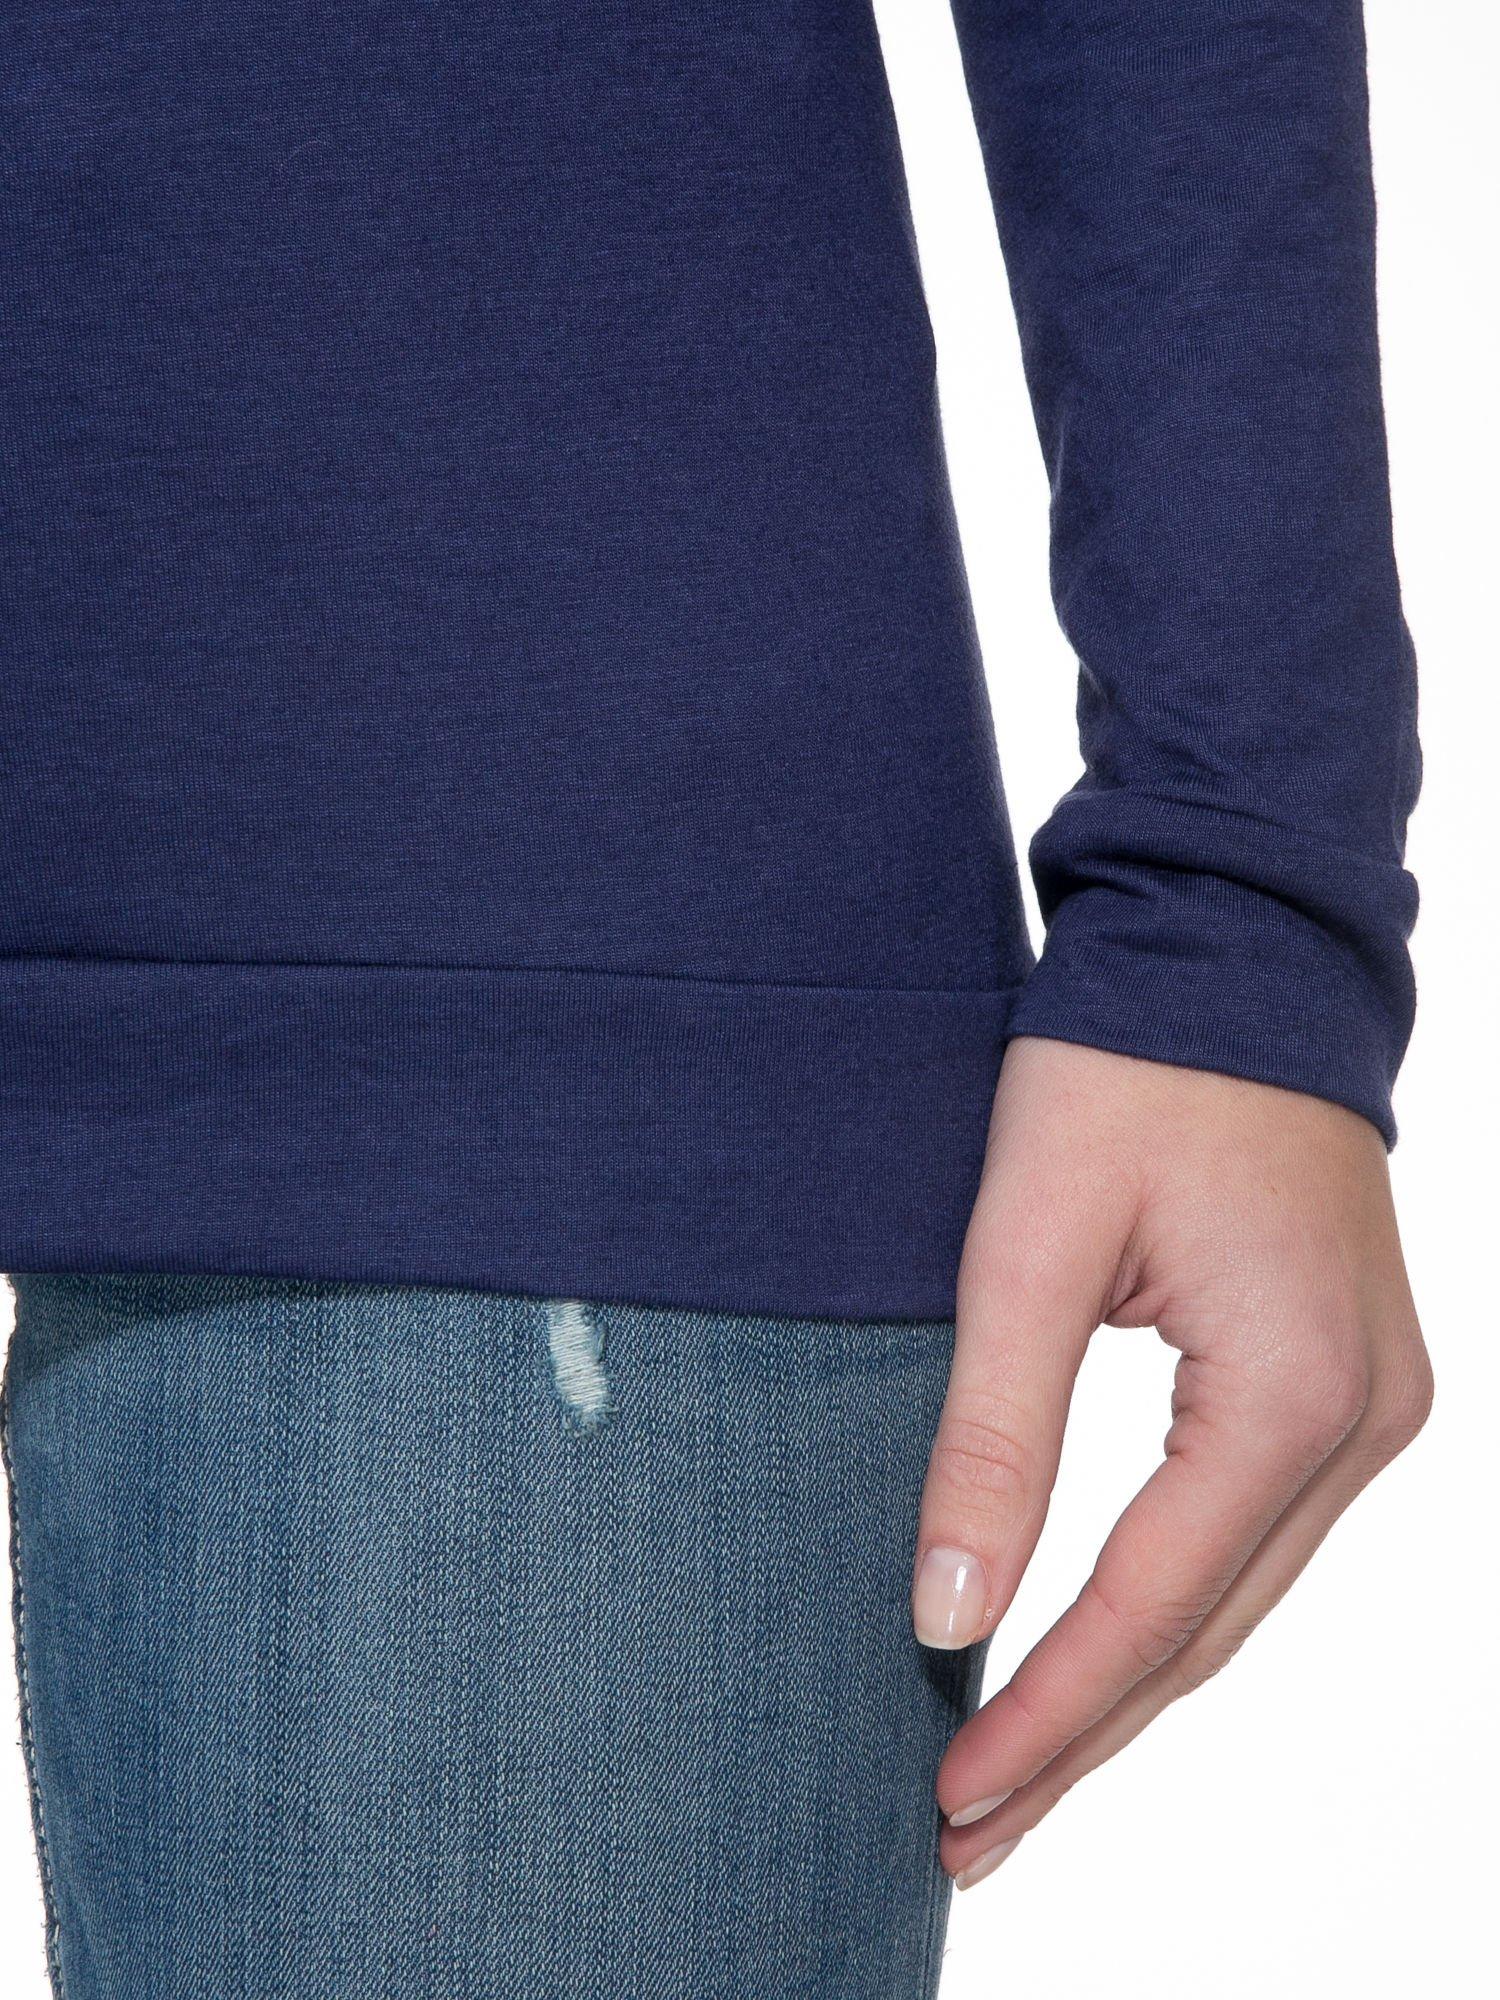 Granatowa bawełniana bluzka z rękawami typu reglan                                  zdj.                                  5